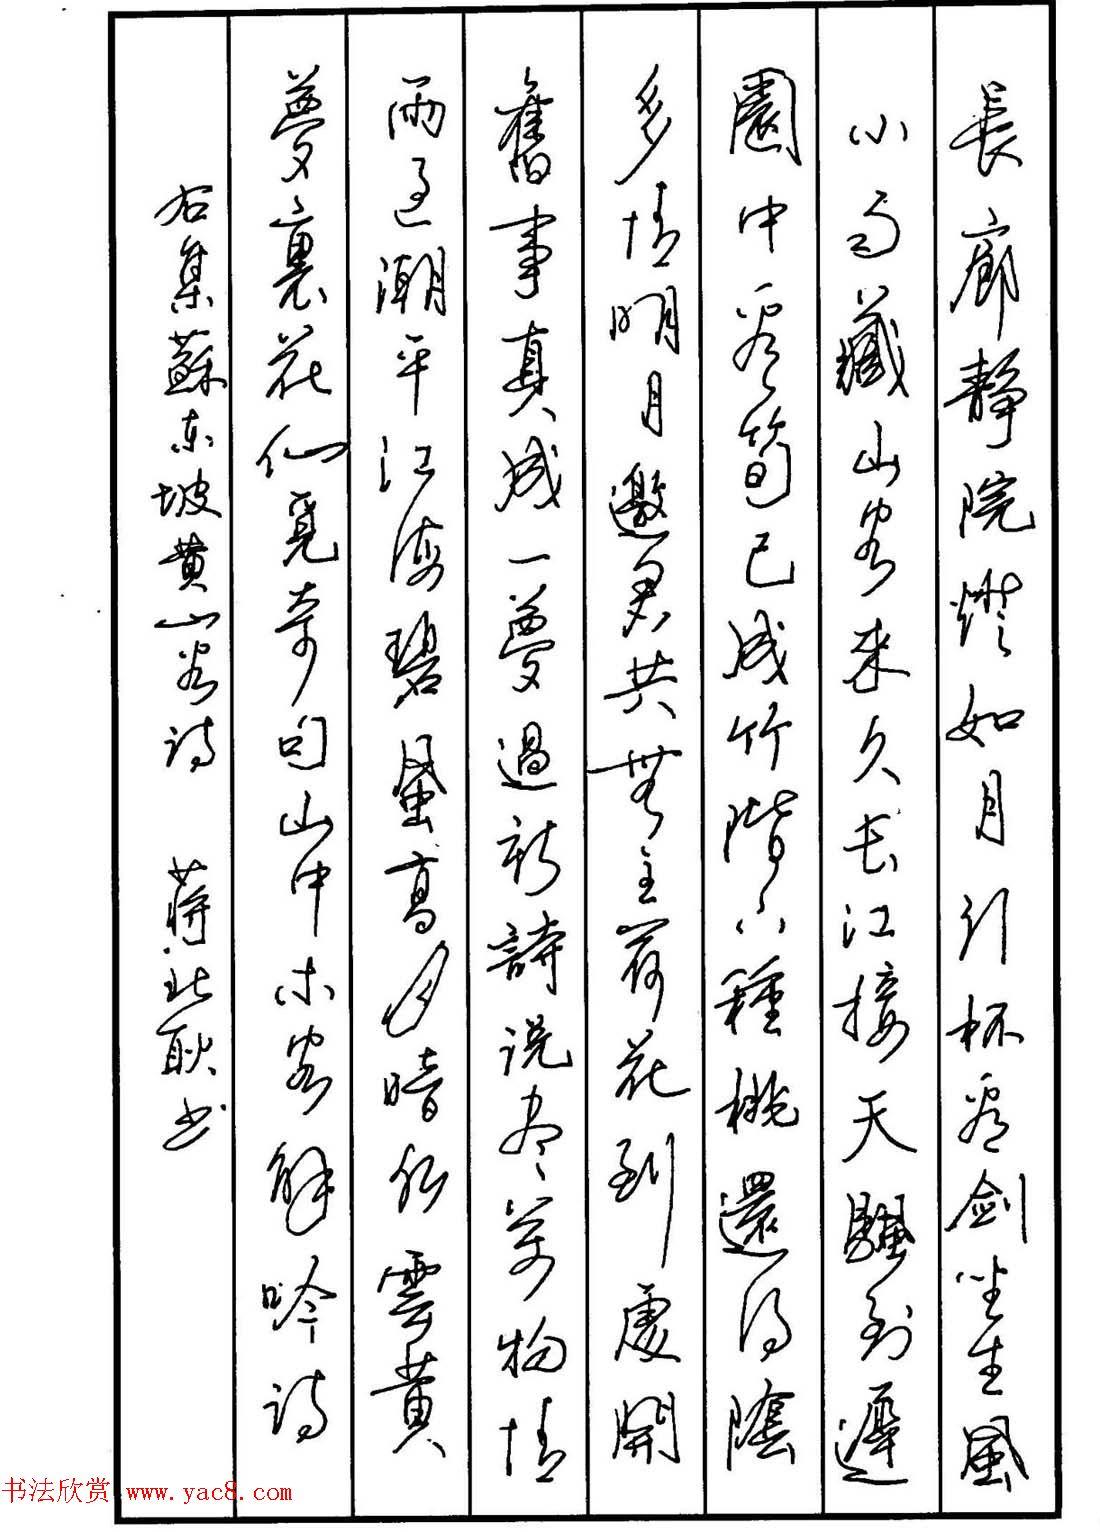 硬笔书法作品集 草书名家精品欣赏 第12页 硬笔书法 书法欣赏